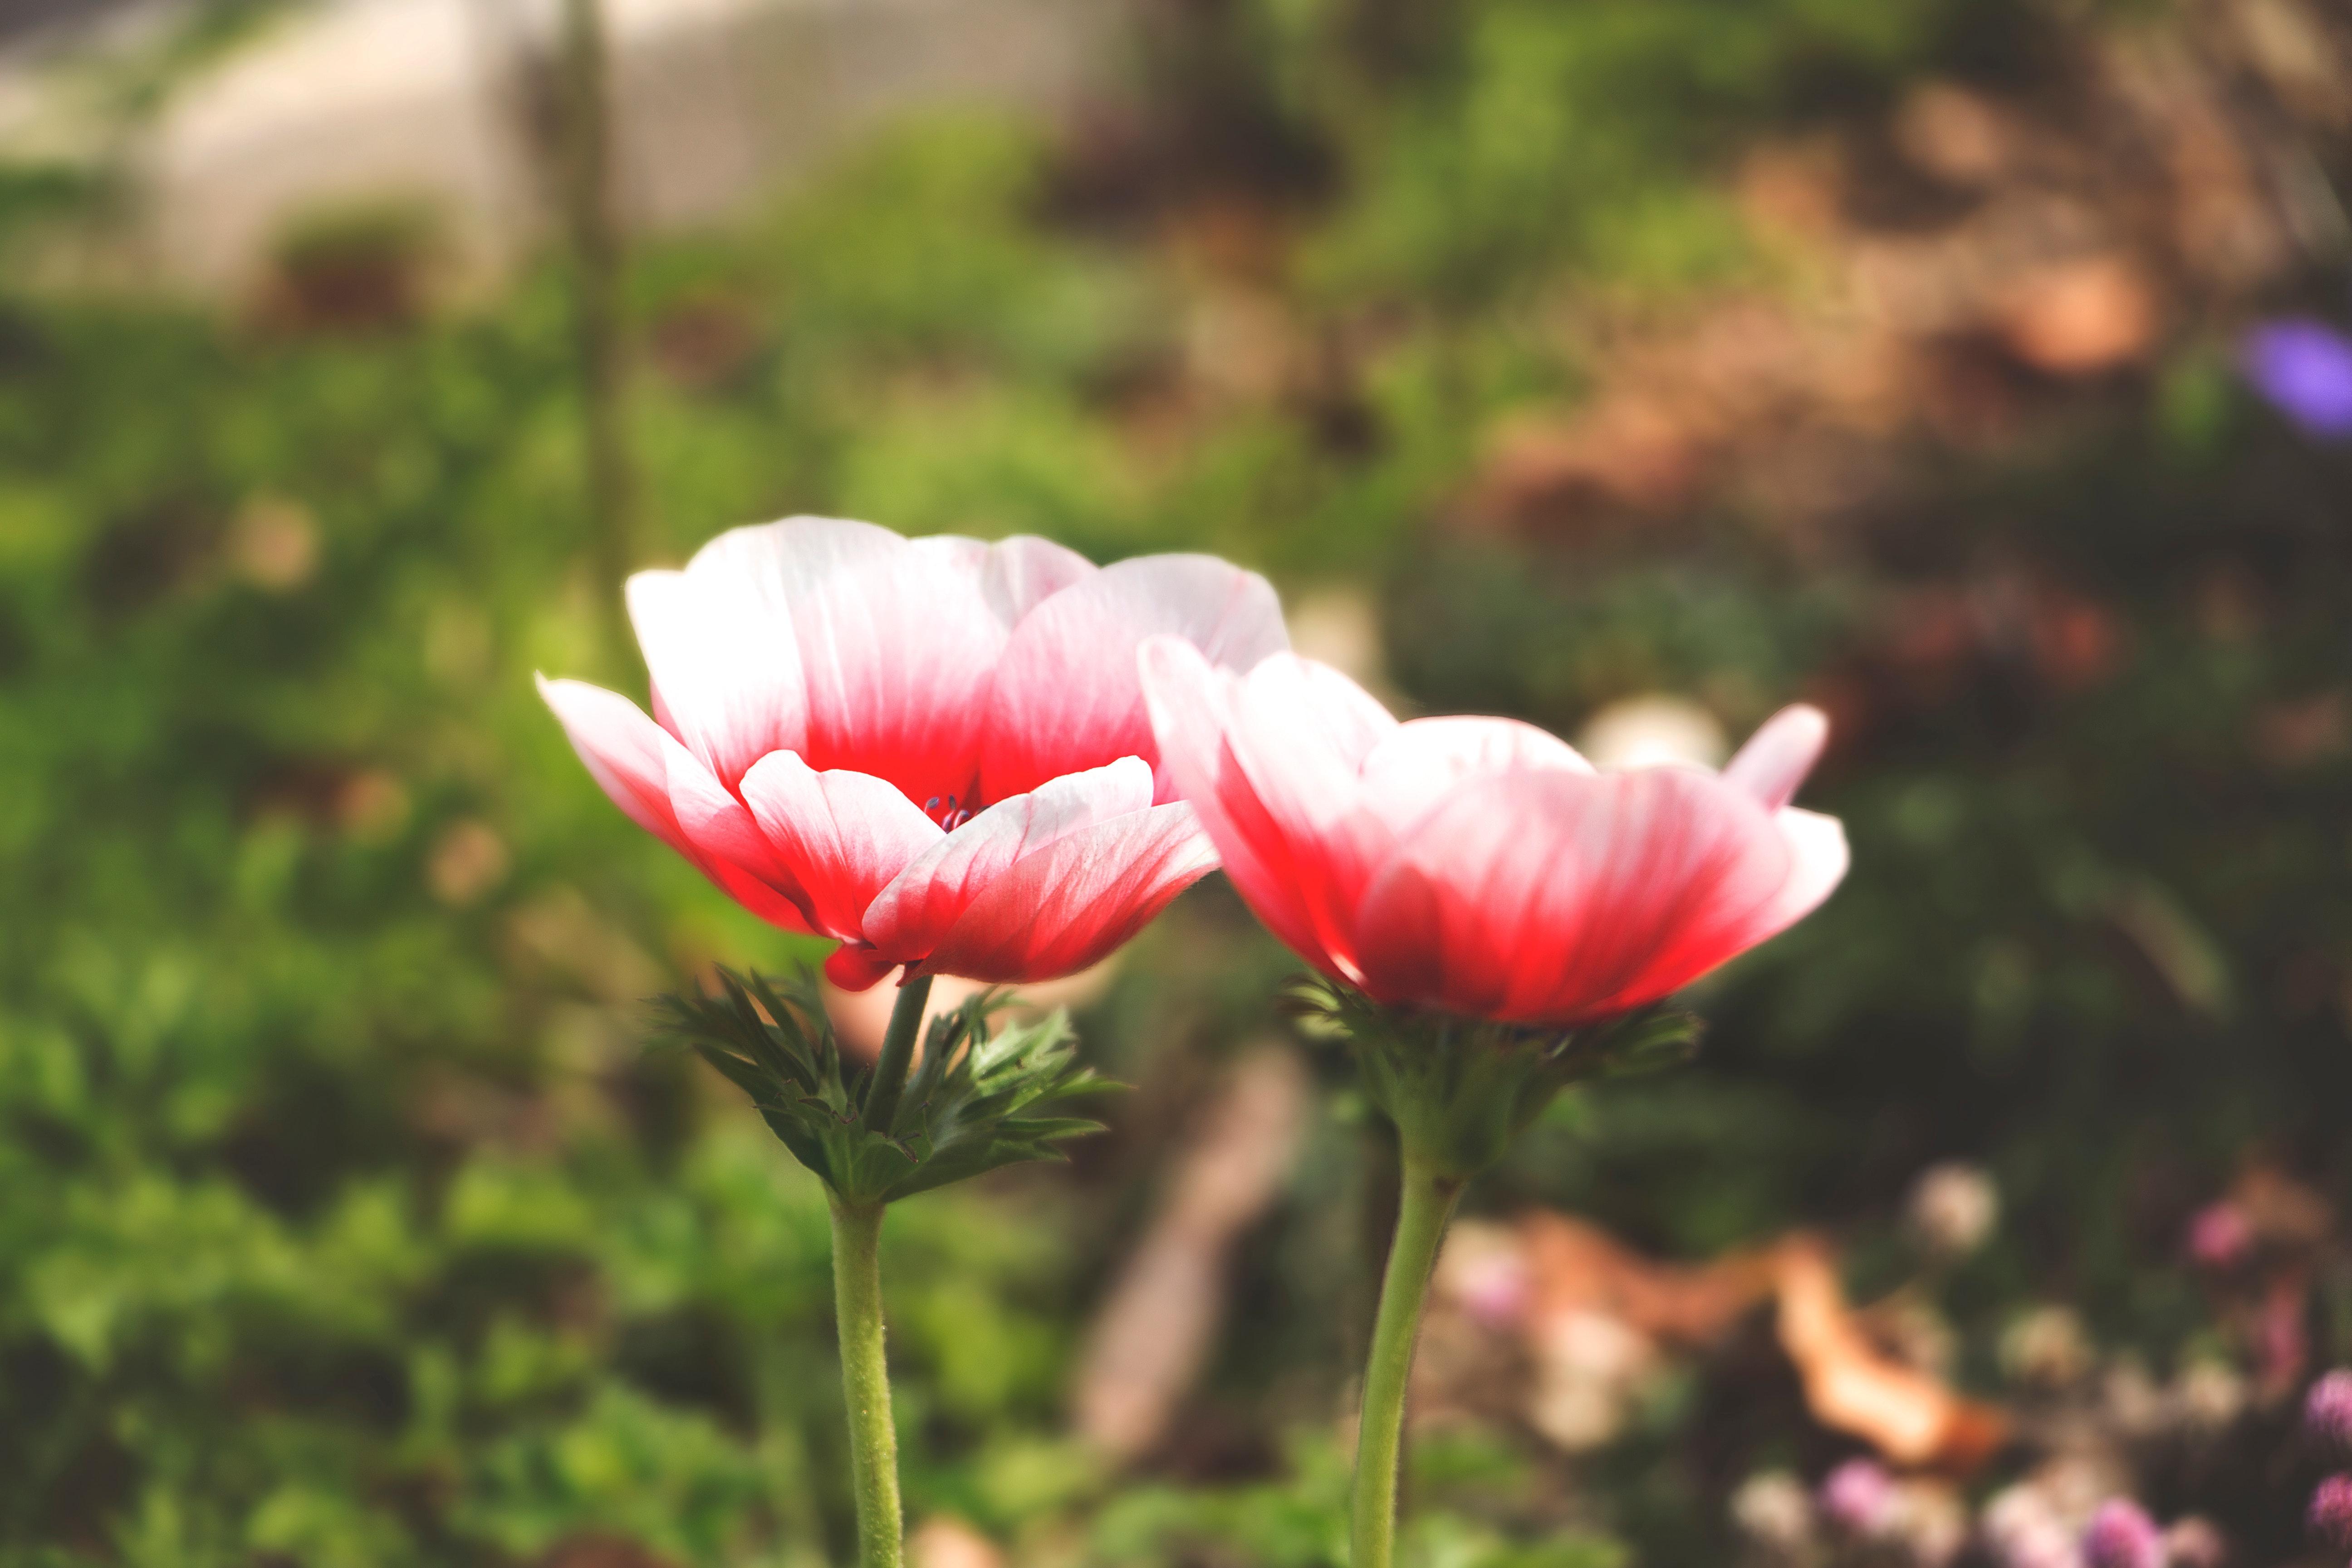 Images Gratuites Floraison Fonds D Ecran Flore Fond D